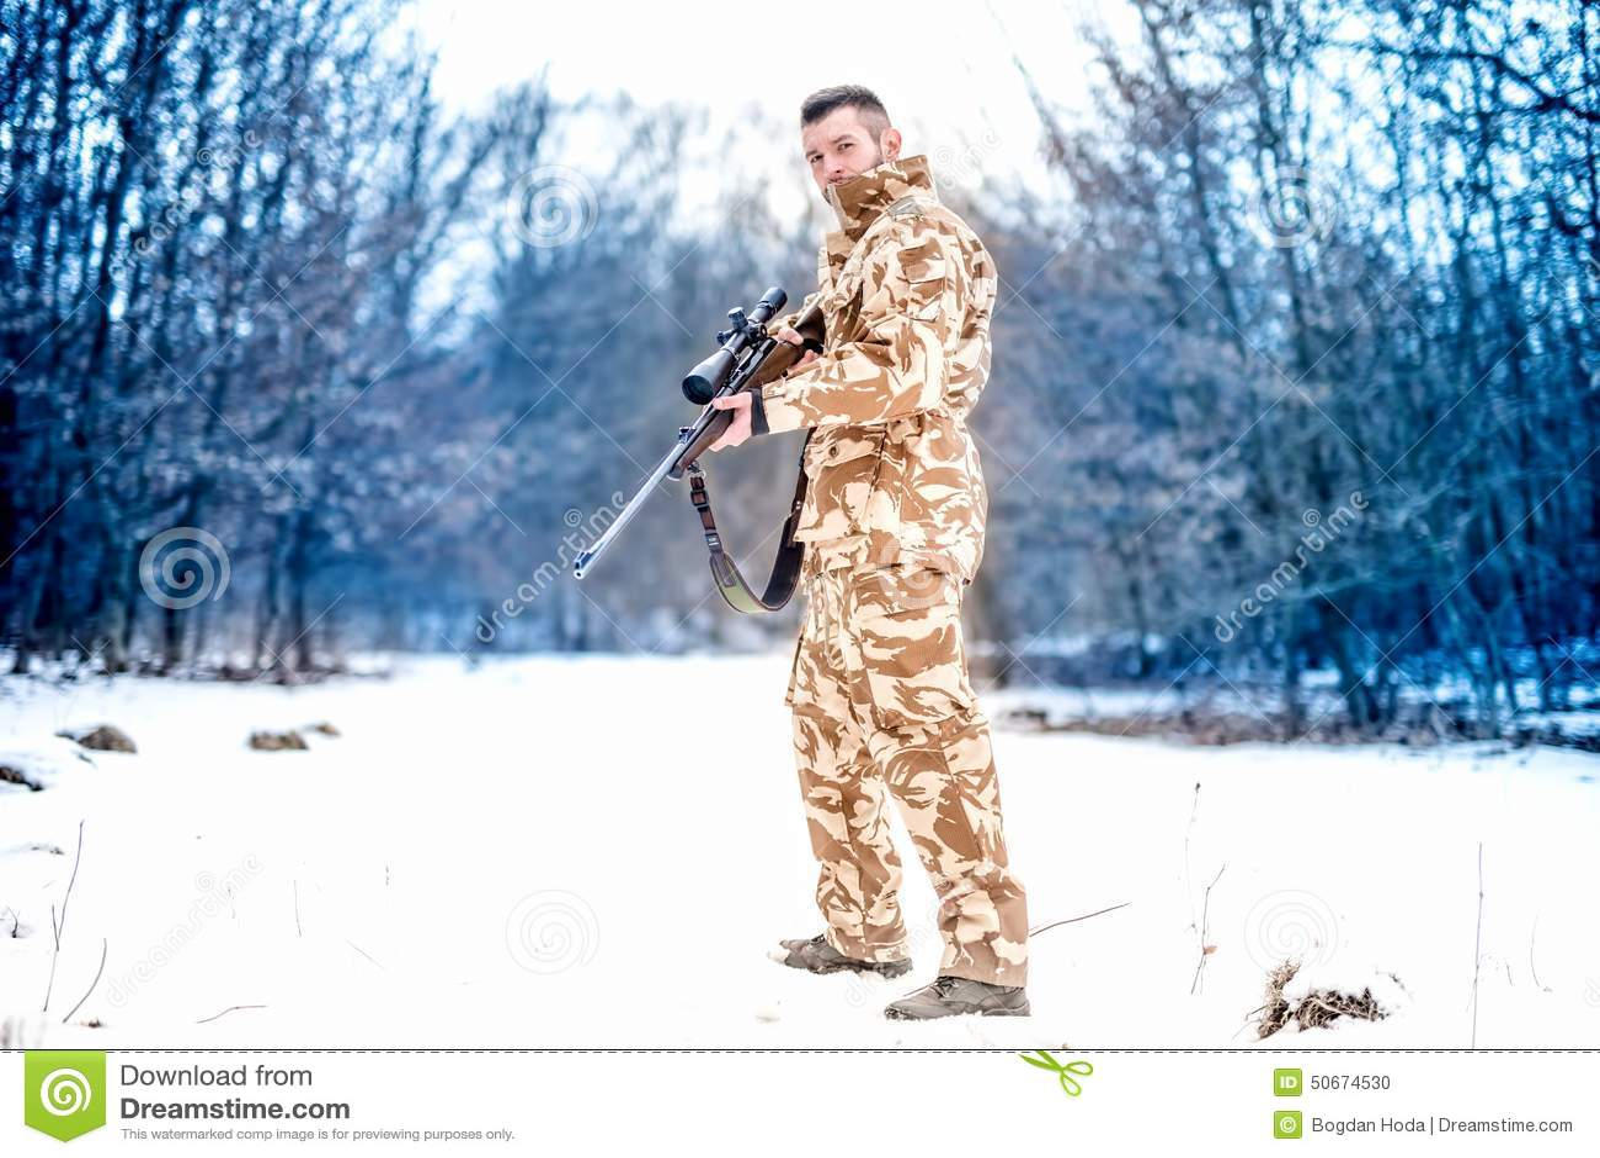 Arméprickskytt under militär operation genom att använda ett yrkesmässigt gevär på en kall vinterdag